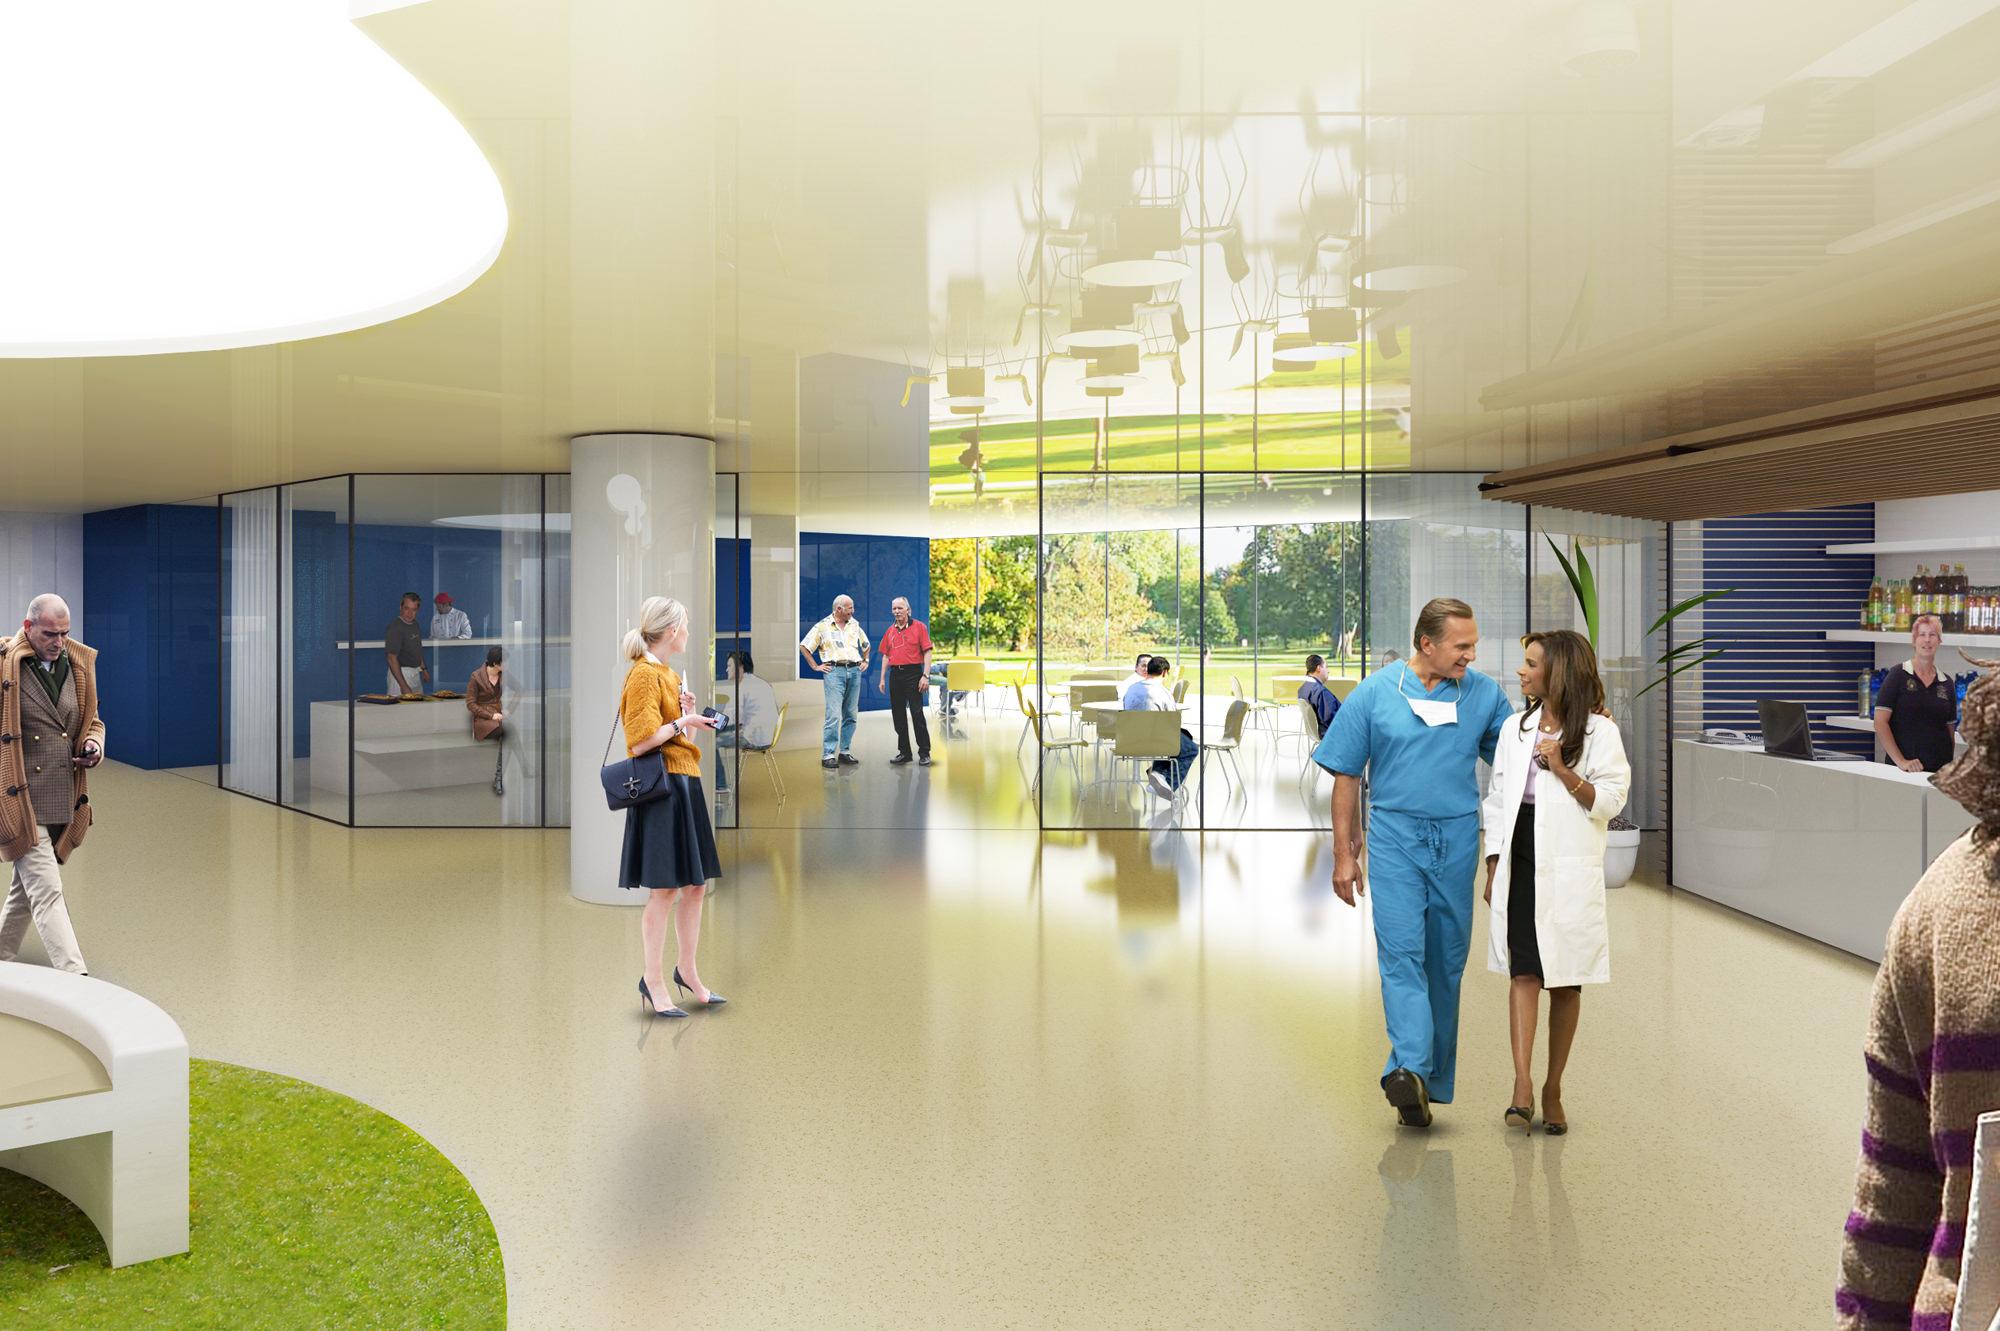 krankenhaus_radebeul_03_umbau_sanierung_junger_beer_architektur